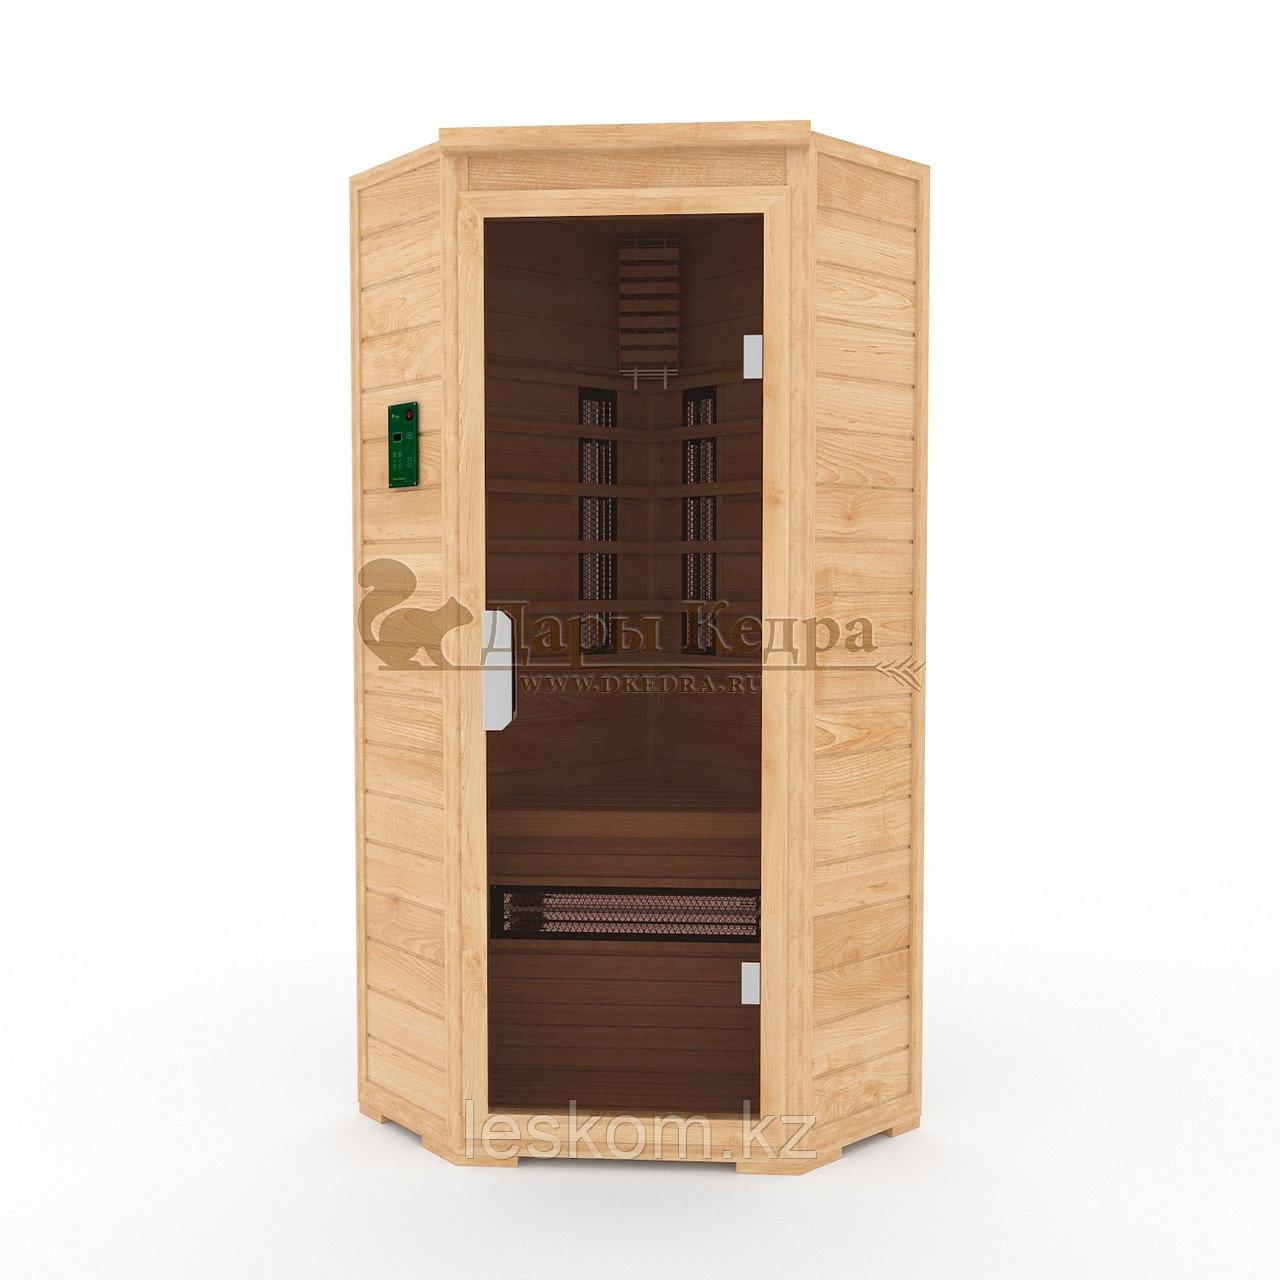 Инфракрасная сауна одноместная угловая с керамическими излучателями. Размеры: 1000х1000х2000 мм